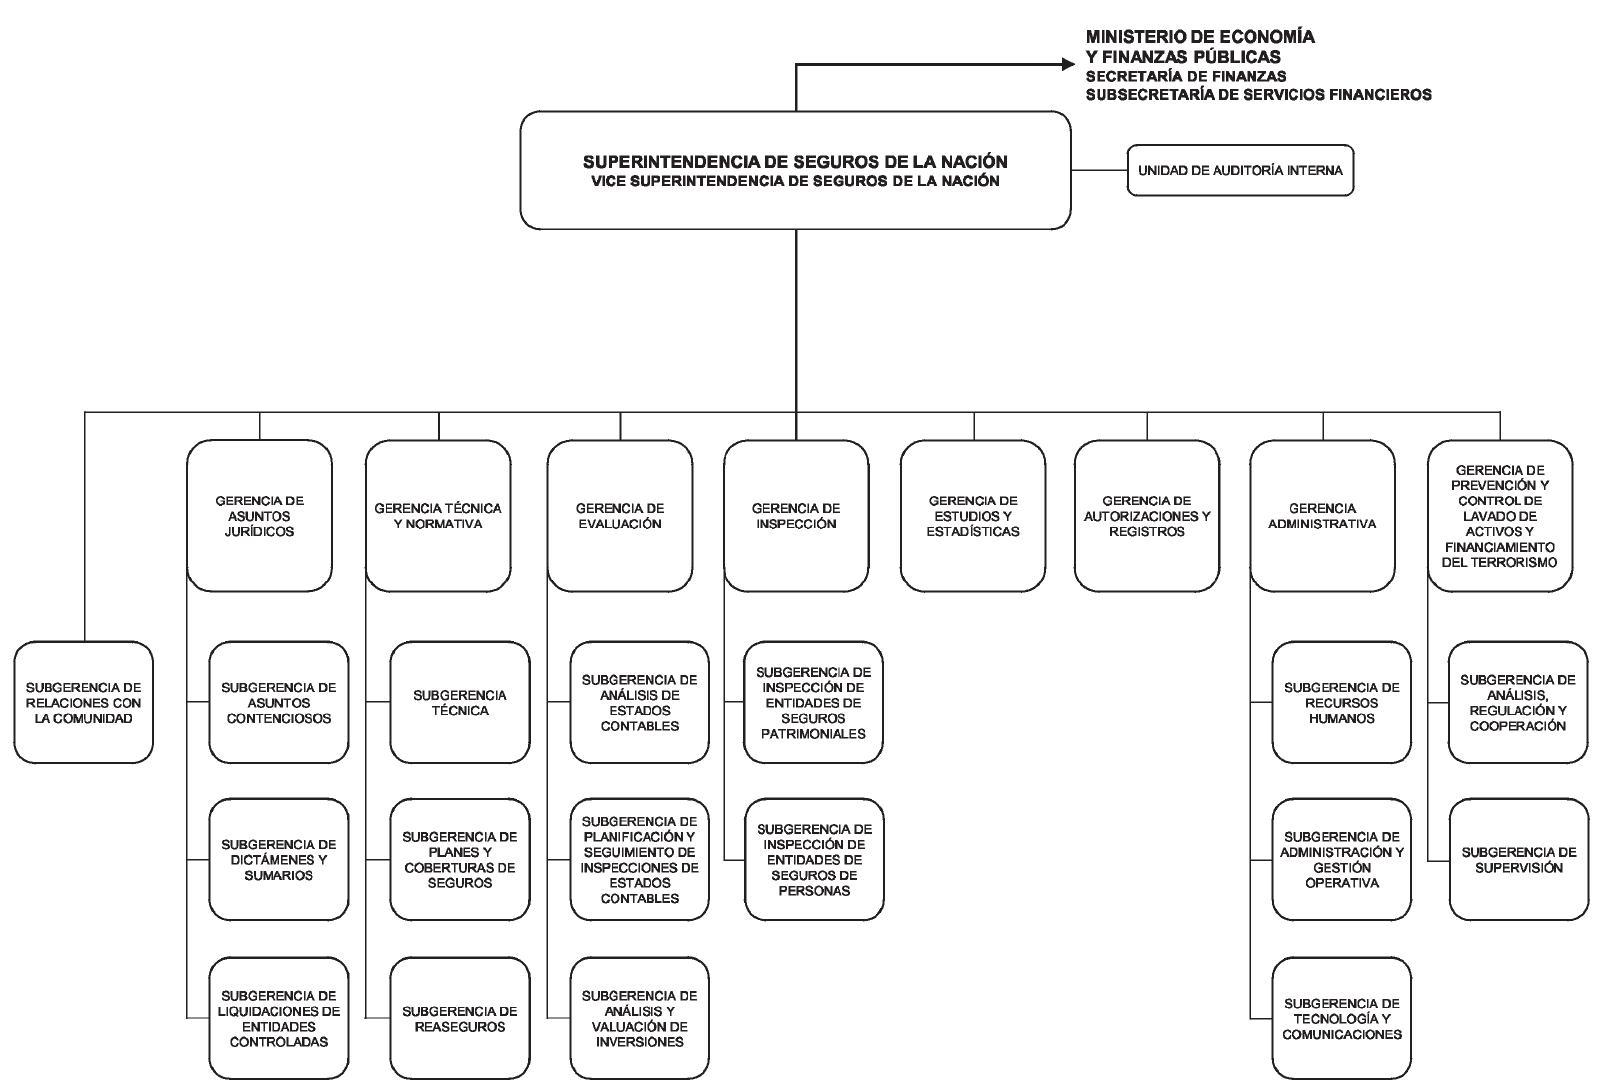 Ministerio De Economa Y Finanzas Pblicas | newhairstylesformen2014.com